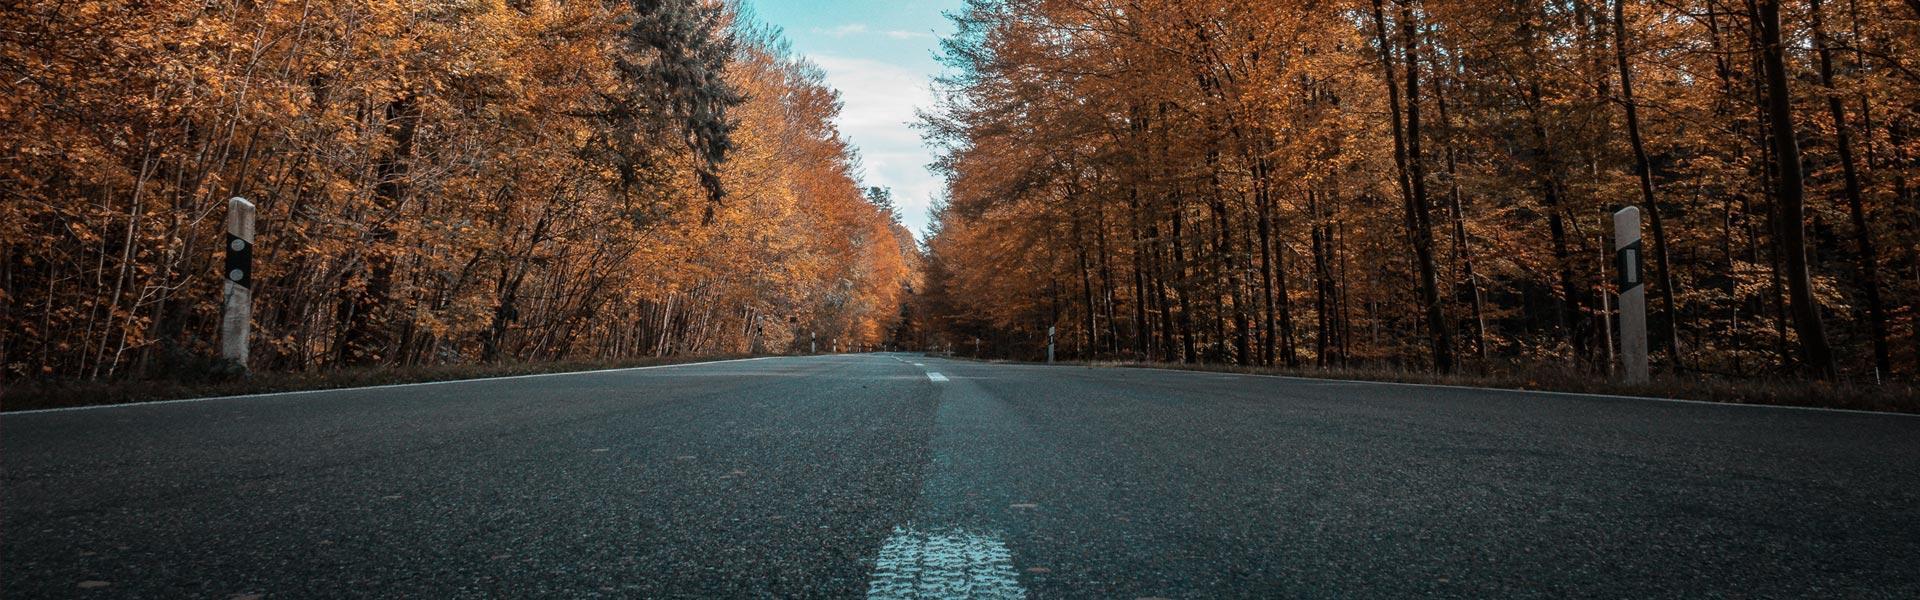 Slider-Onroad